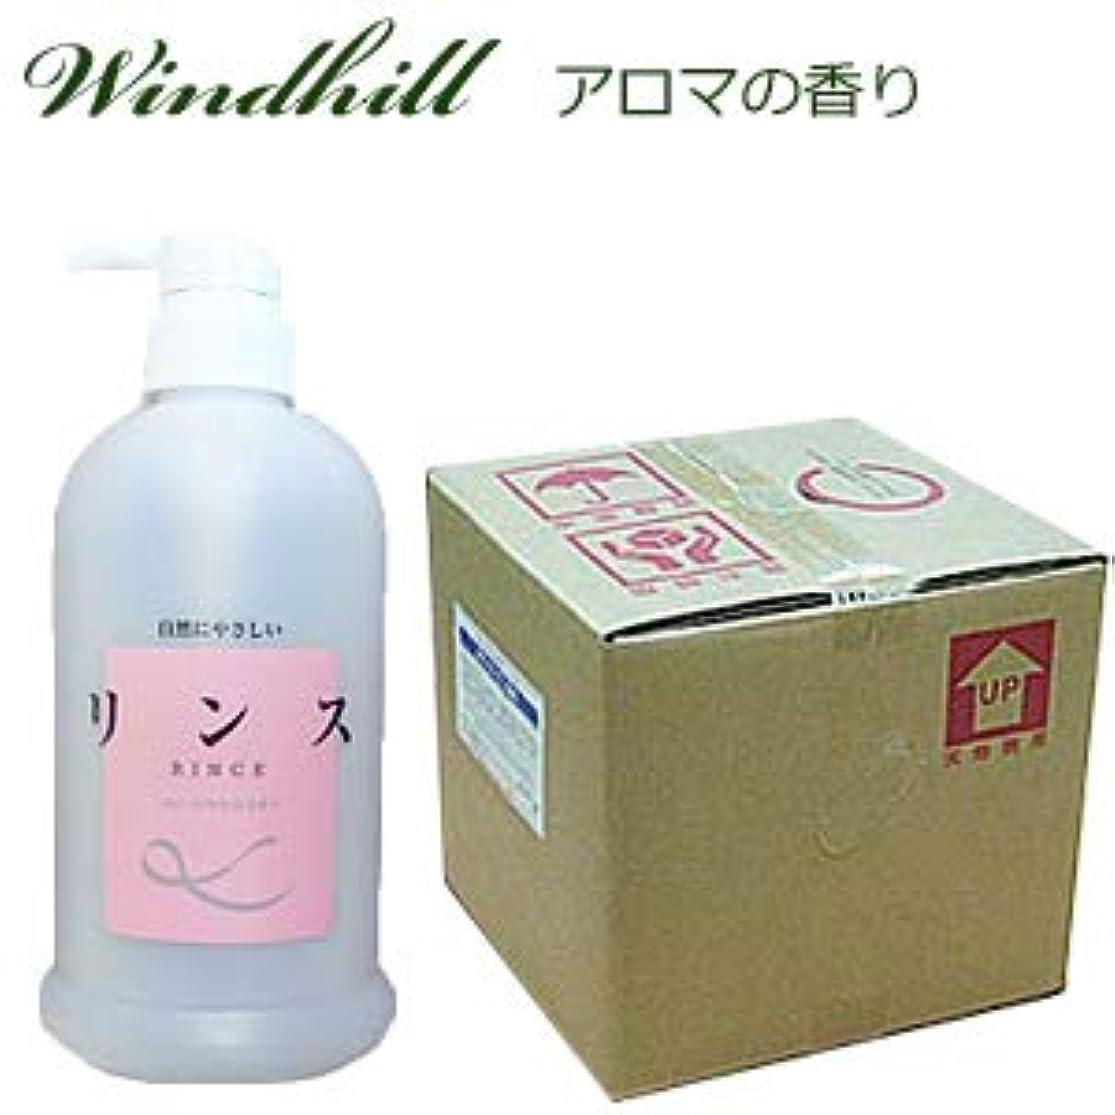 クレデンシャルファランクス棚なんと! 500ml当り188円 Windhill 植物性業務用 リンス 紅茶を思うアロマの香り 20L